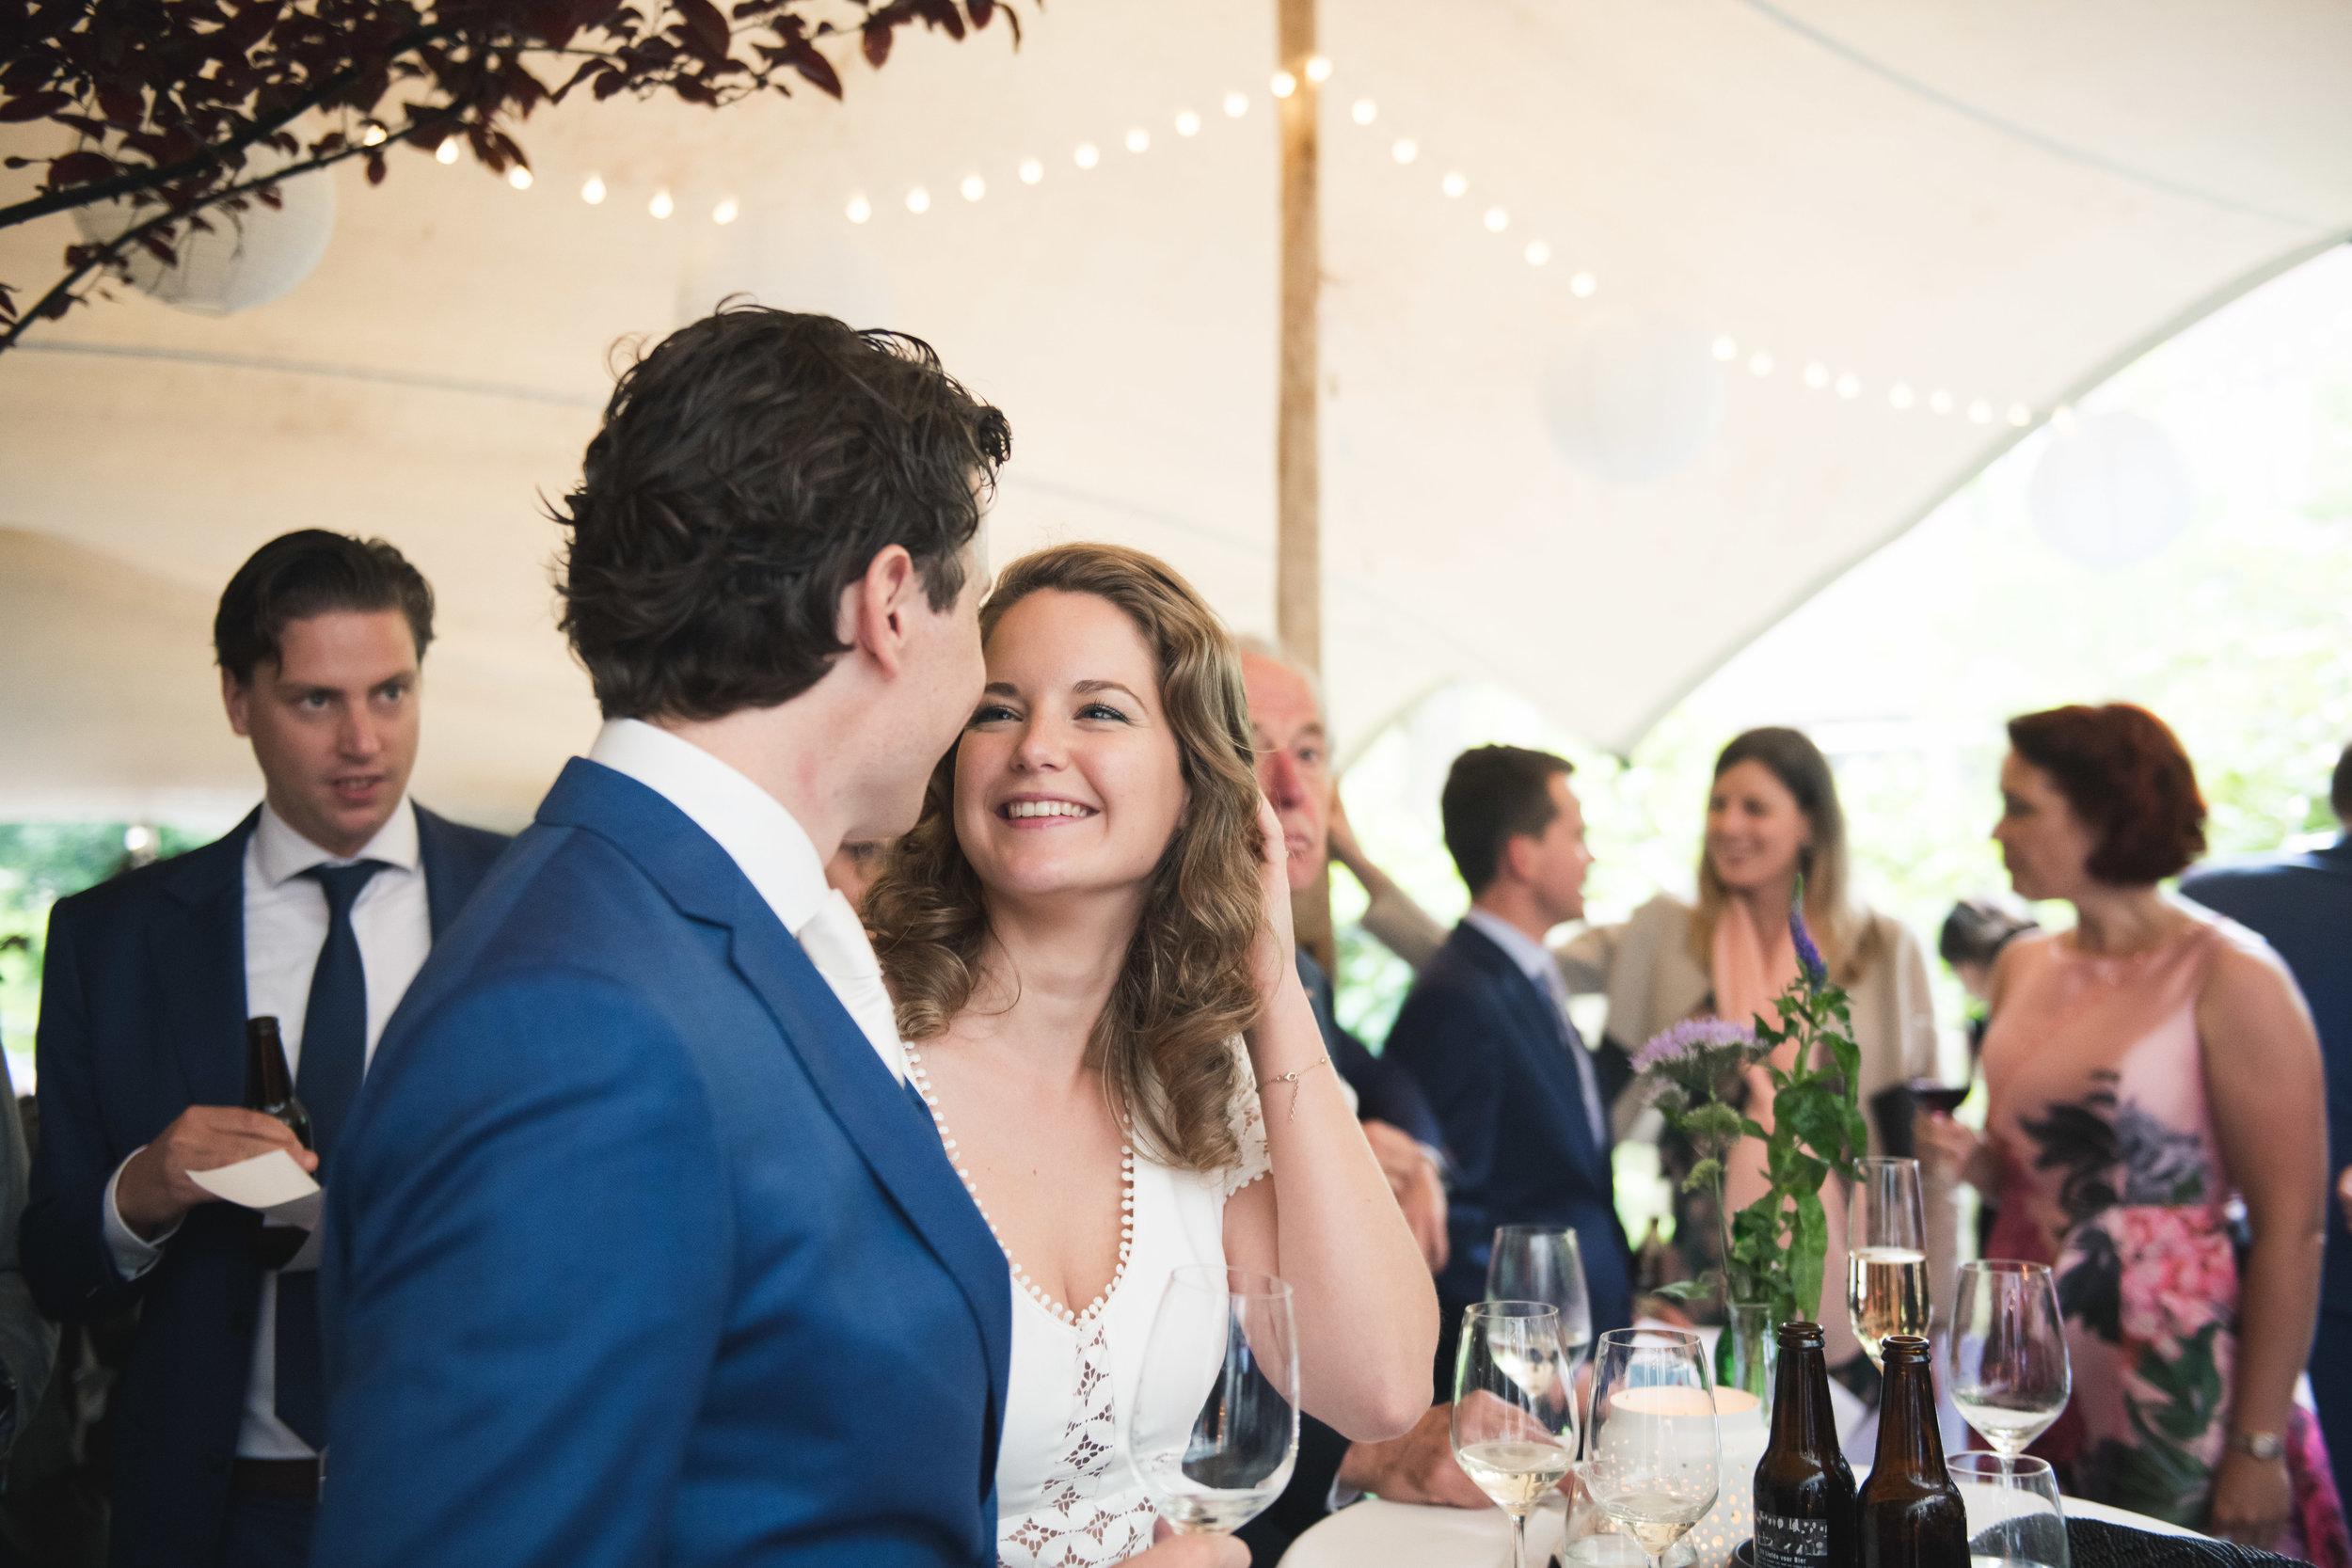 Het gelukkige bruidspaar kijkt elkaar verliefd aan. Ik vind het leuk om juist dit soort spontane momenten vast te leggen tijdens een bruiloft. Zo ontstaat er een trouwreportage vol met echte emoties.